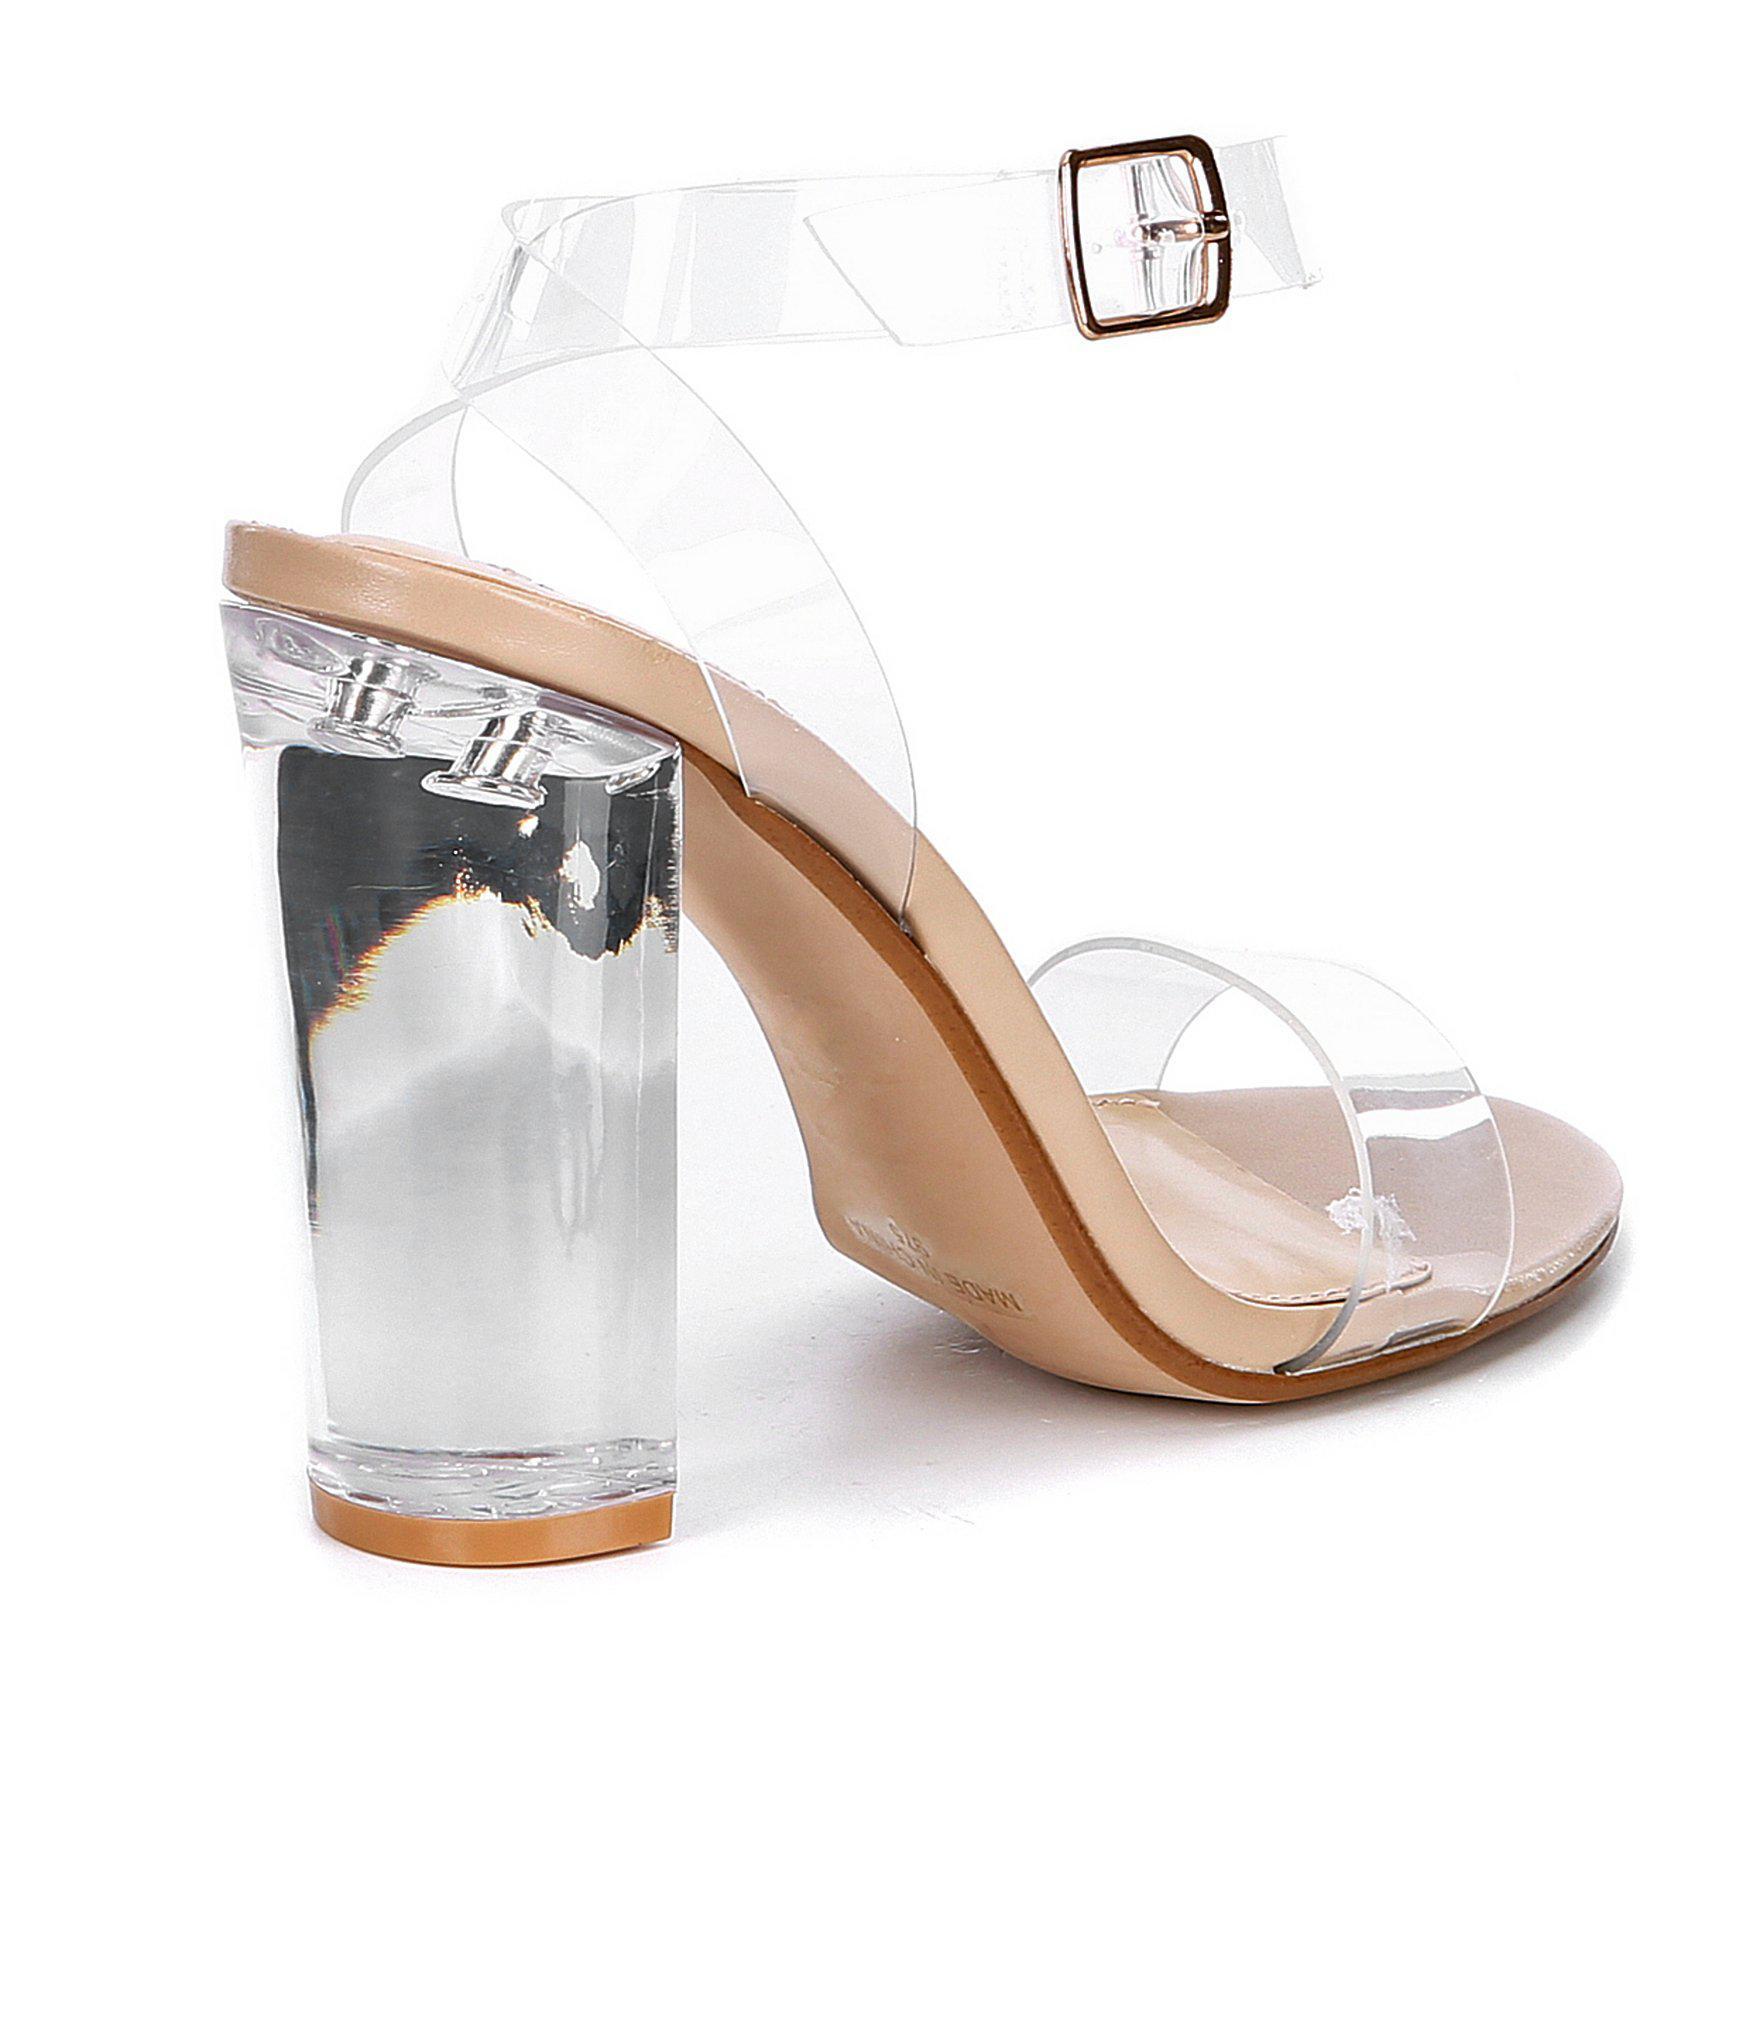 9a902870de7 Steve Madden - Multicolor Camille Lucite Clear Block Heel Dress Sandals -  Lyst. View fullscreen